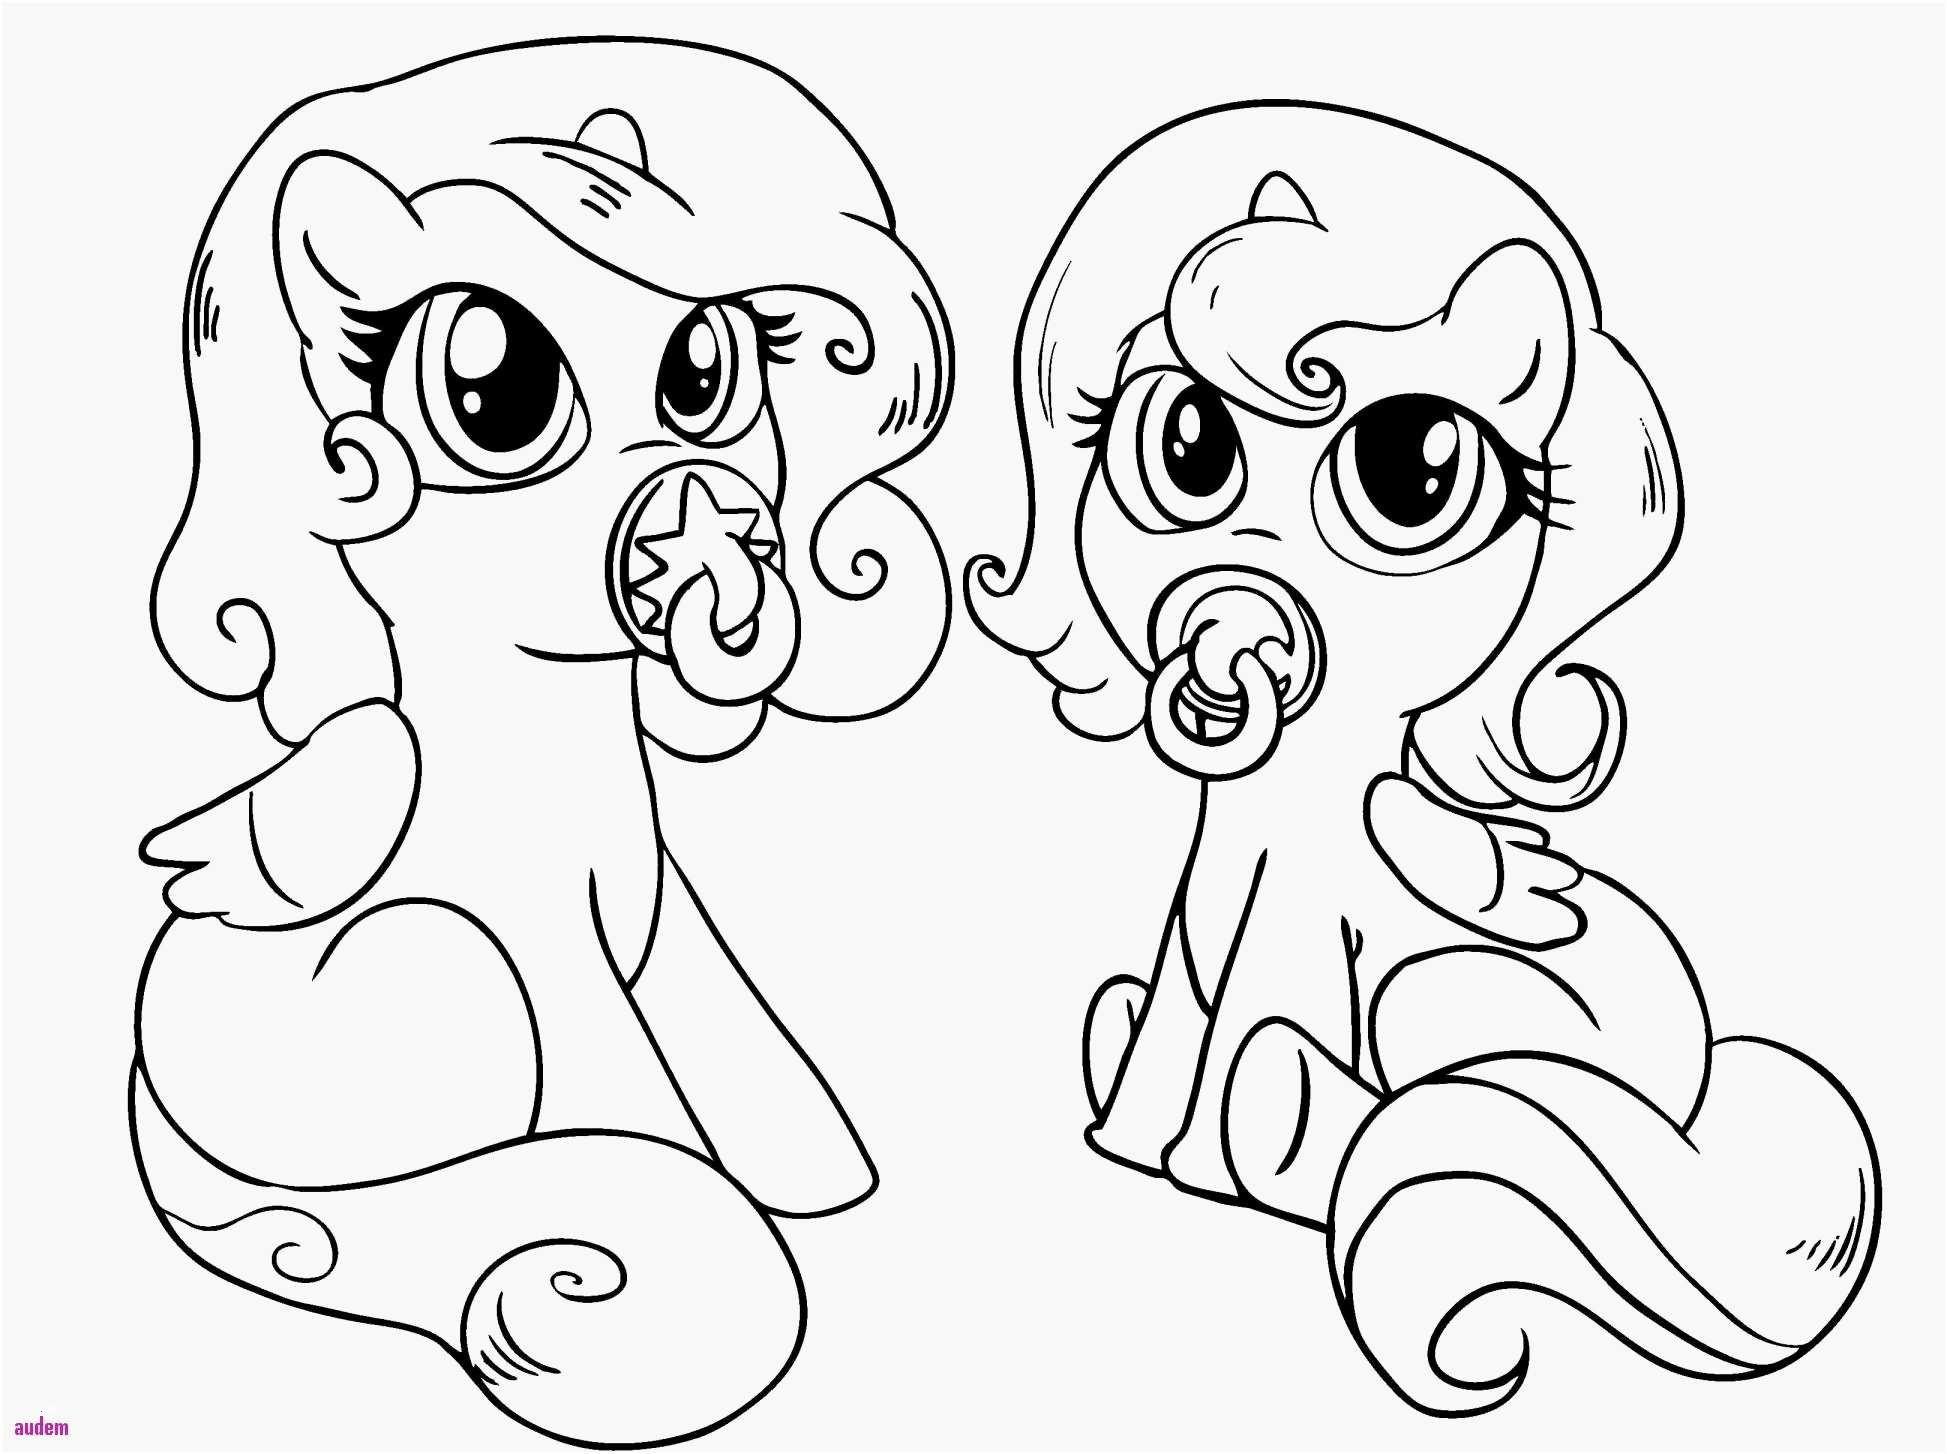 My Little Pony Rainbow Dash Ausmalbilder Inspirierend Beispielbilder Färben My Little Pony Ausmalbilder Einzigartig My Das Bild